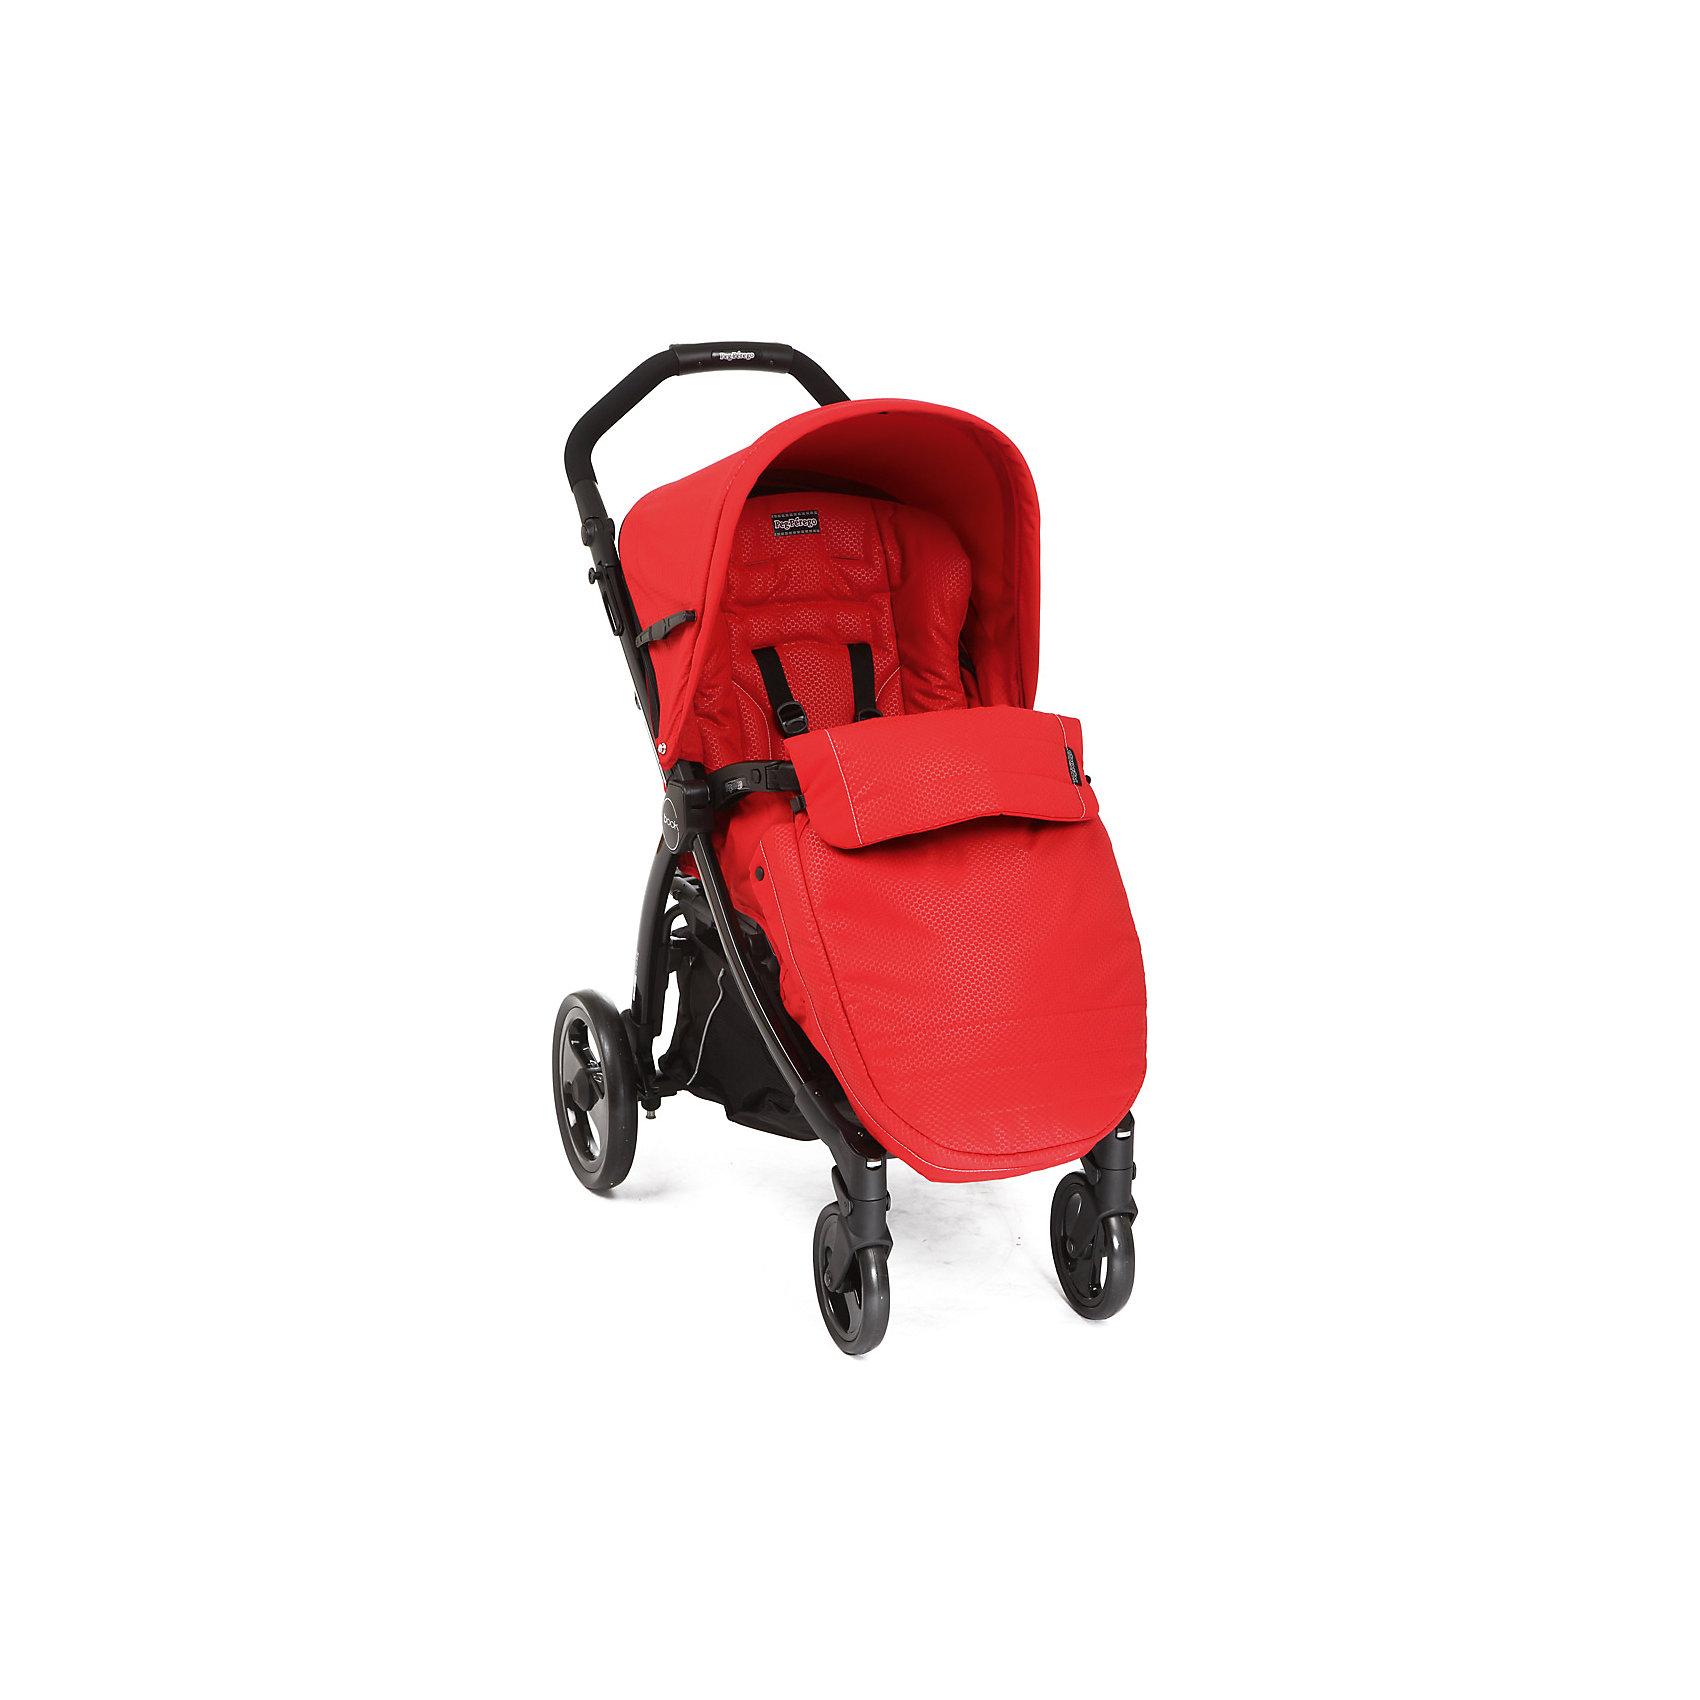 Прогулочная коляска Book Completo, Peg-Perego, Mod Red, красный (Peg Perego)